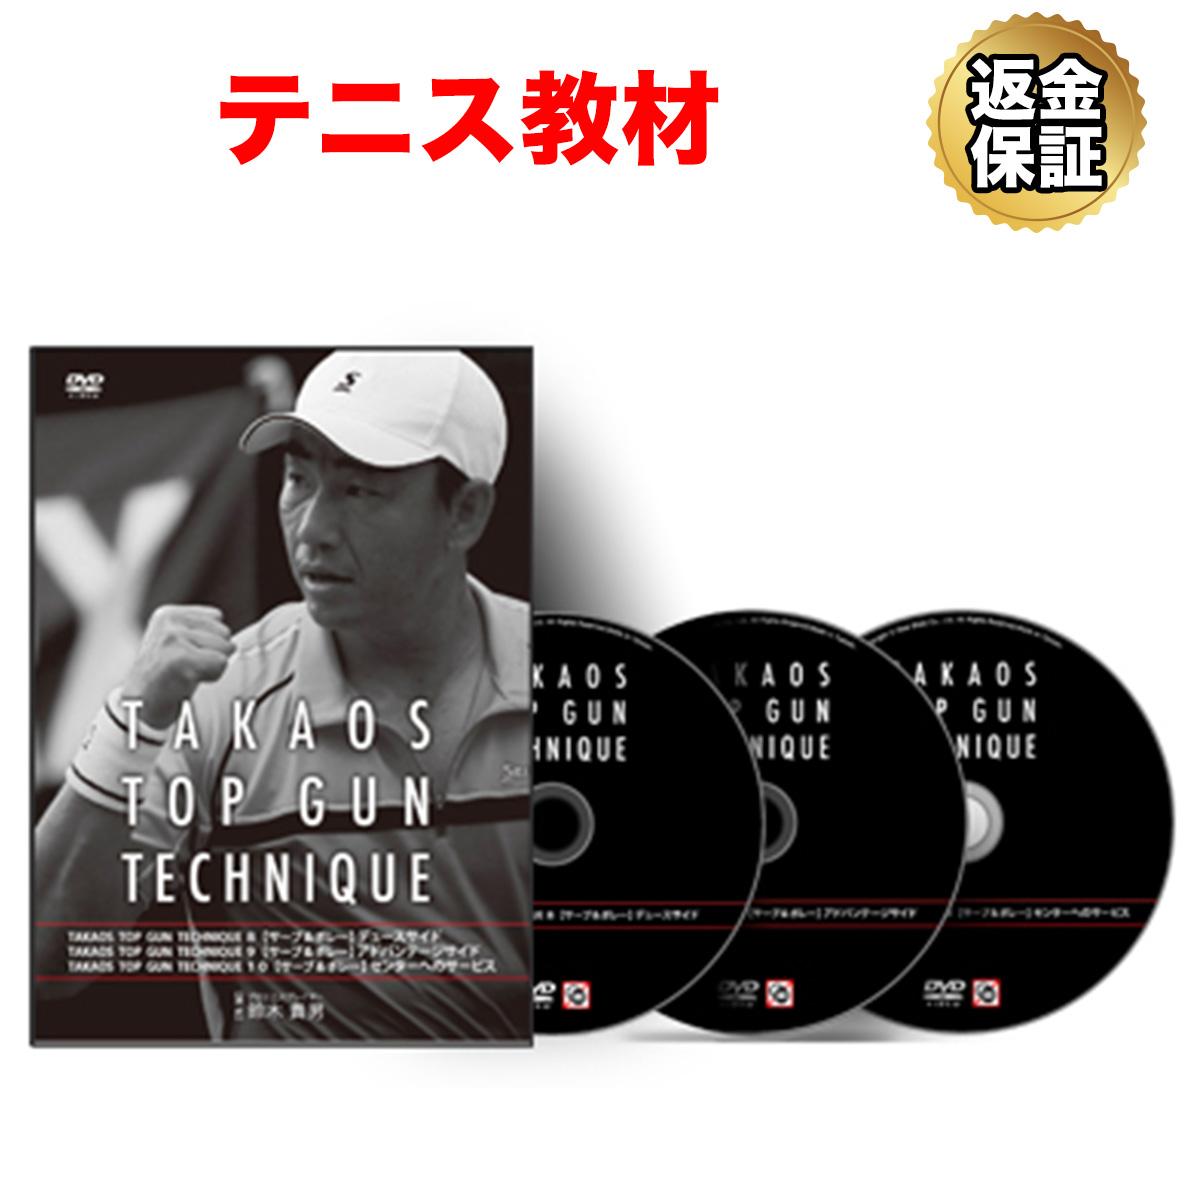 テニス 教材 DVD 鈴木貴男の TOP GUN TECHNIQUE 08~10【サーブ&ボレー】